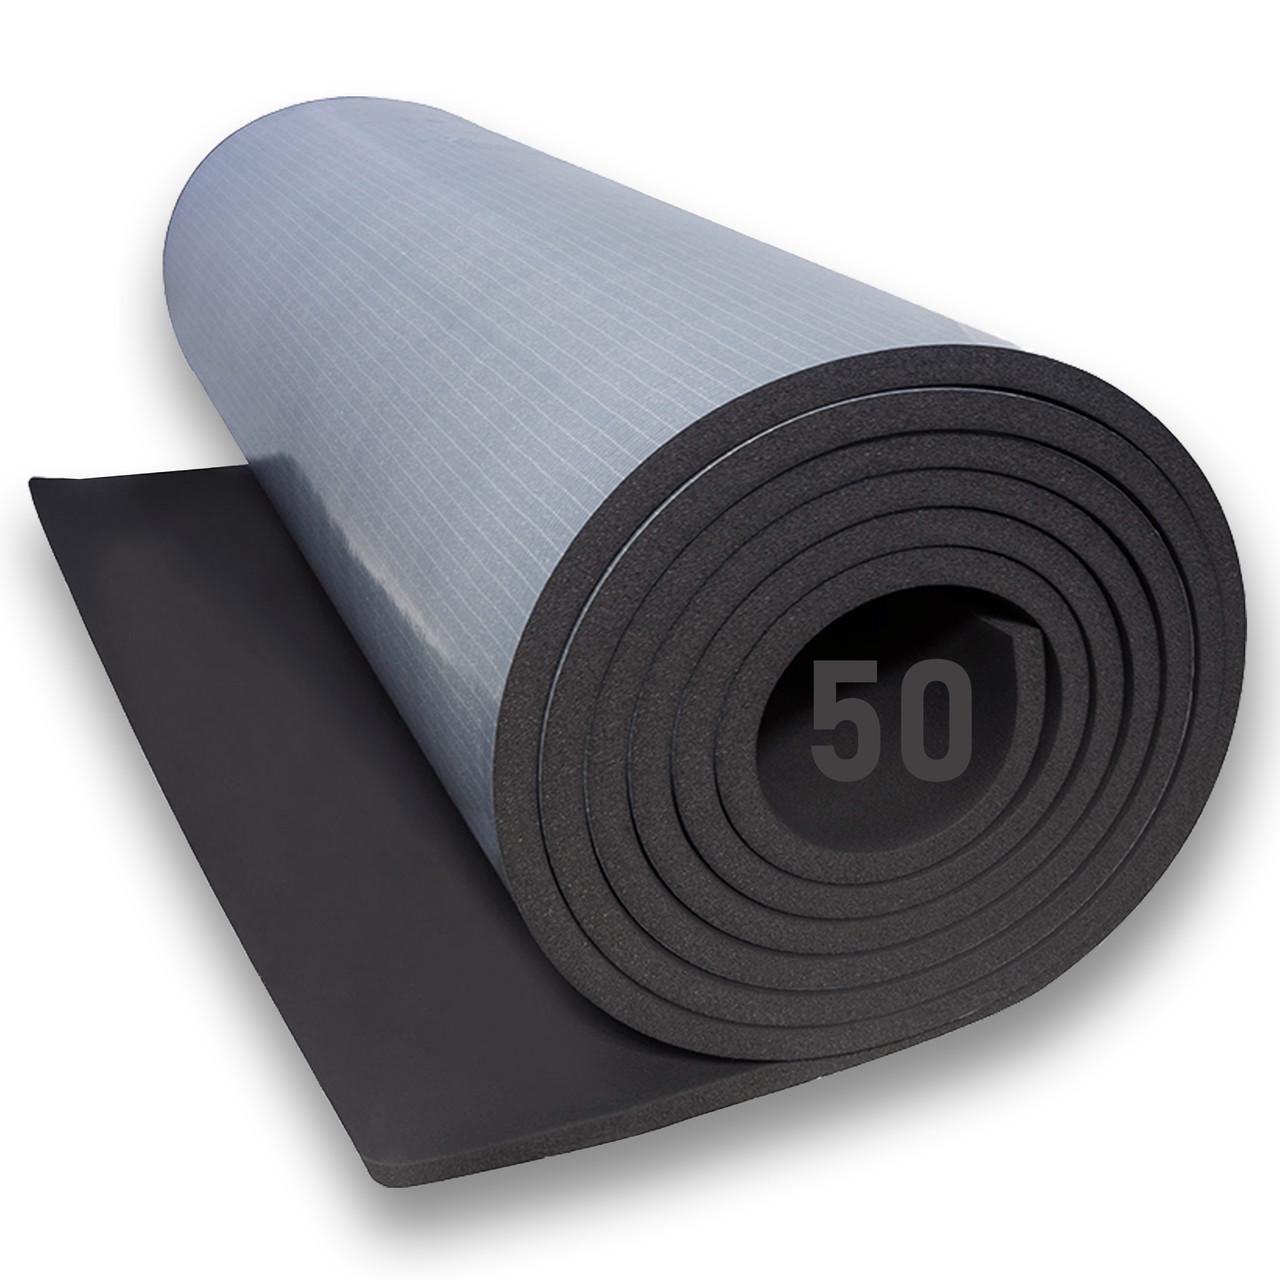 Вспененный каучук самоклеящийся 50 мм цена за рулон